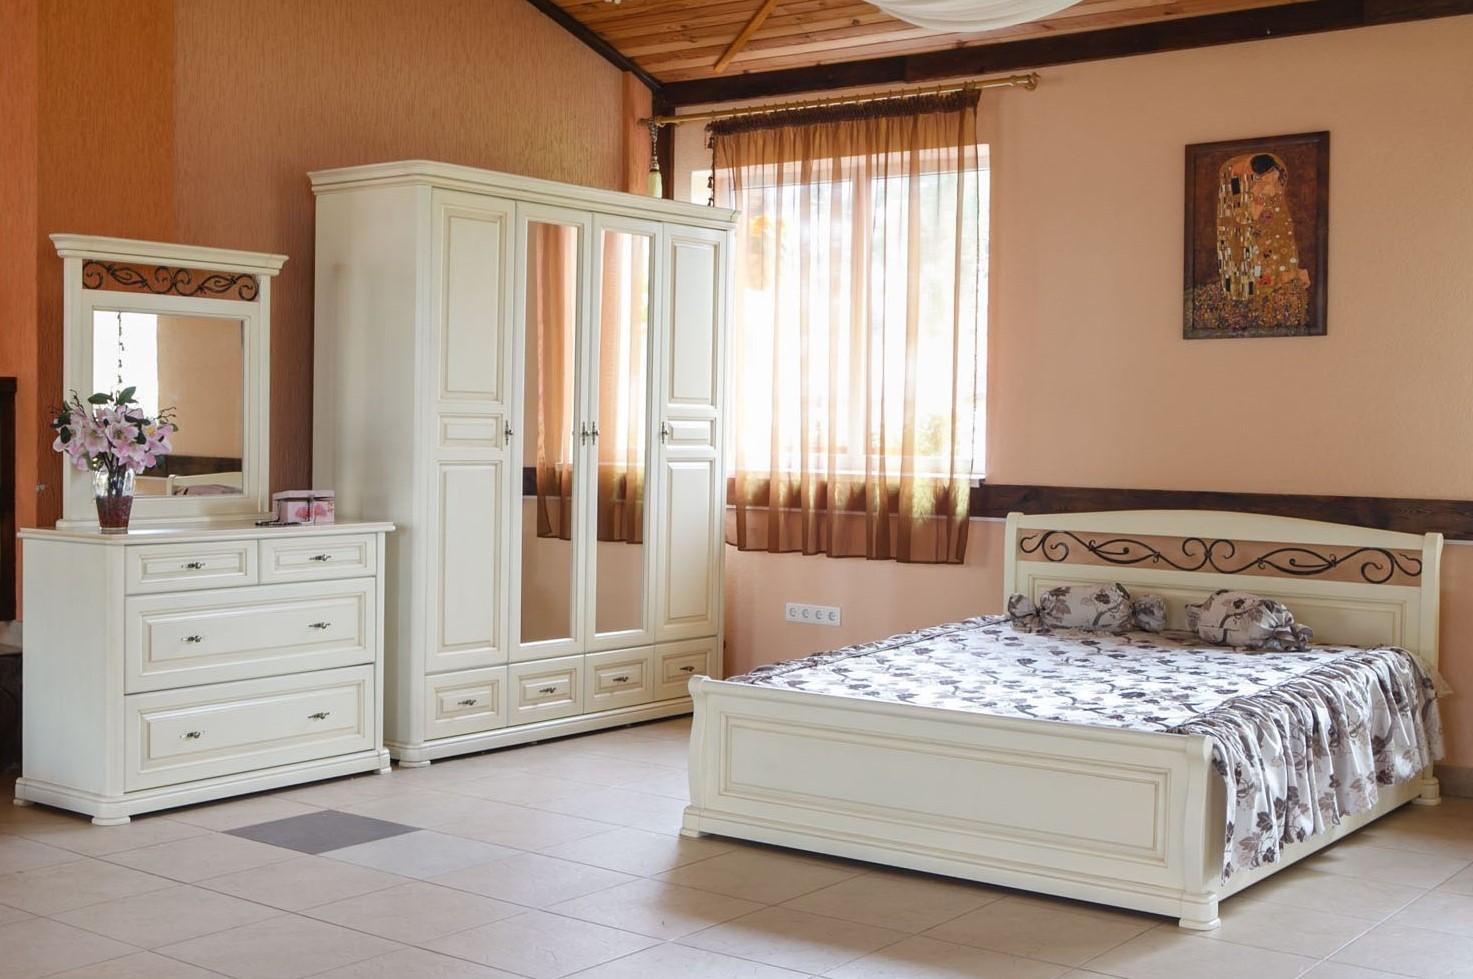 Спальня Виктория Явир - Фотогалерея - Skyin  кухні з масиву дерева ... 0918f6e04152d